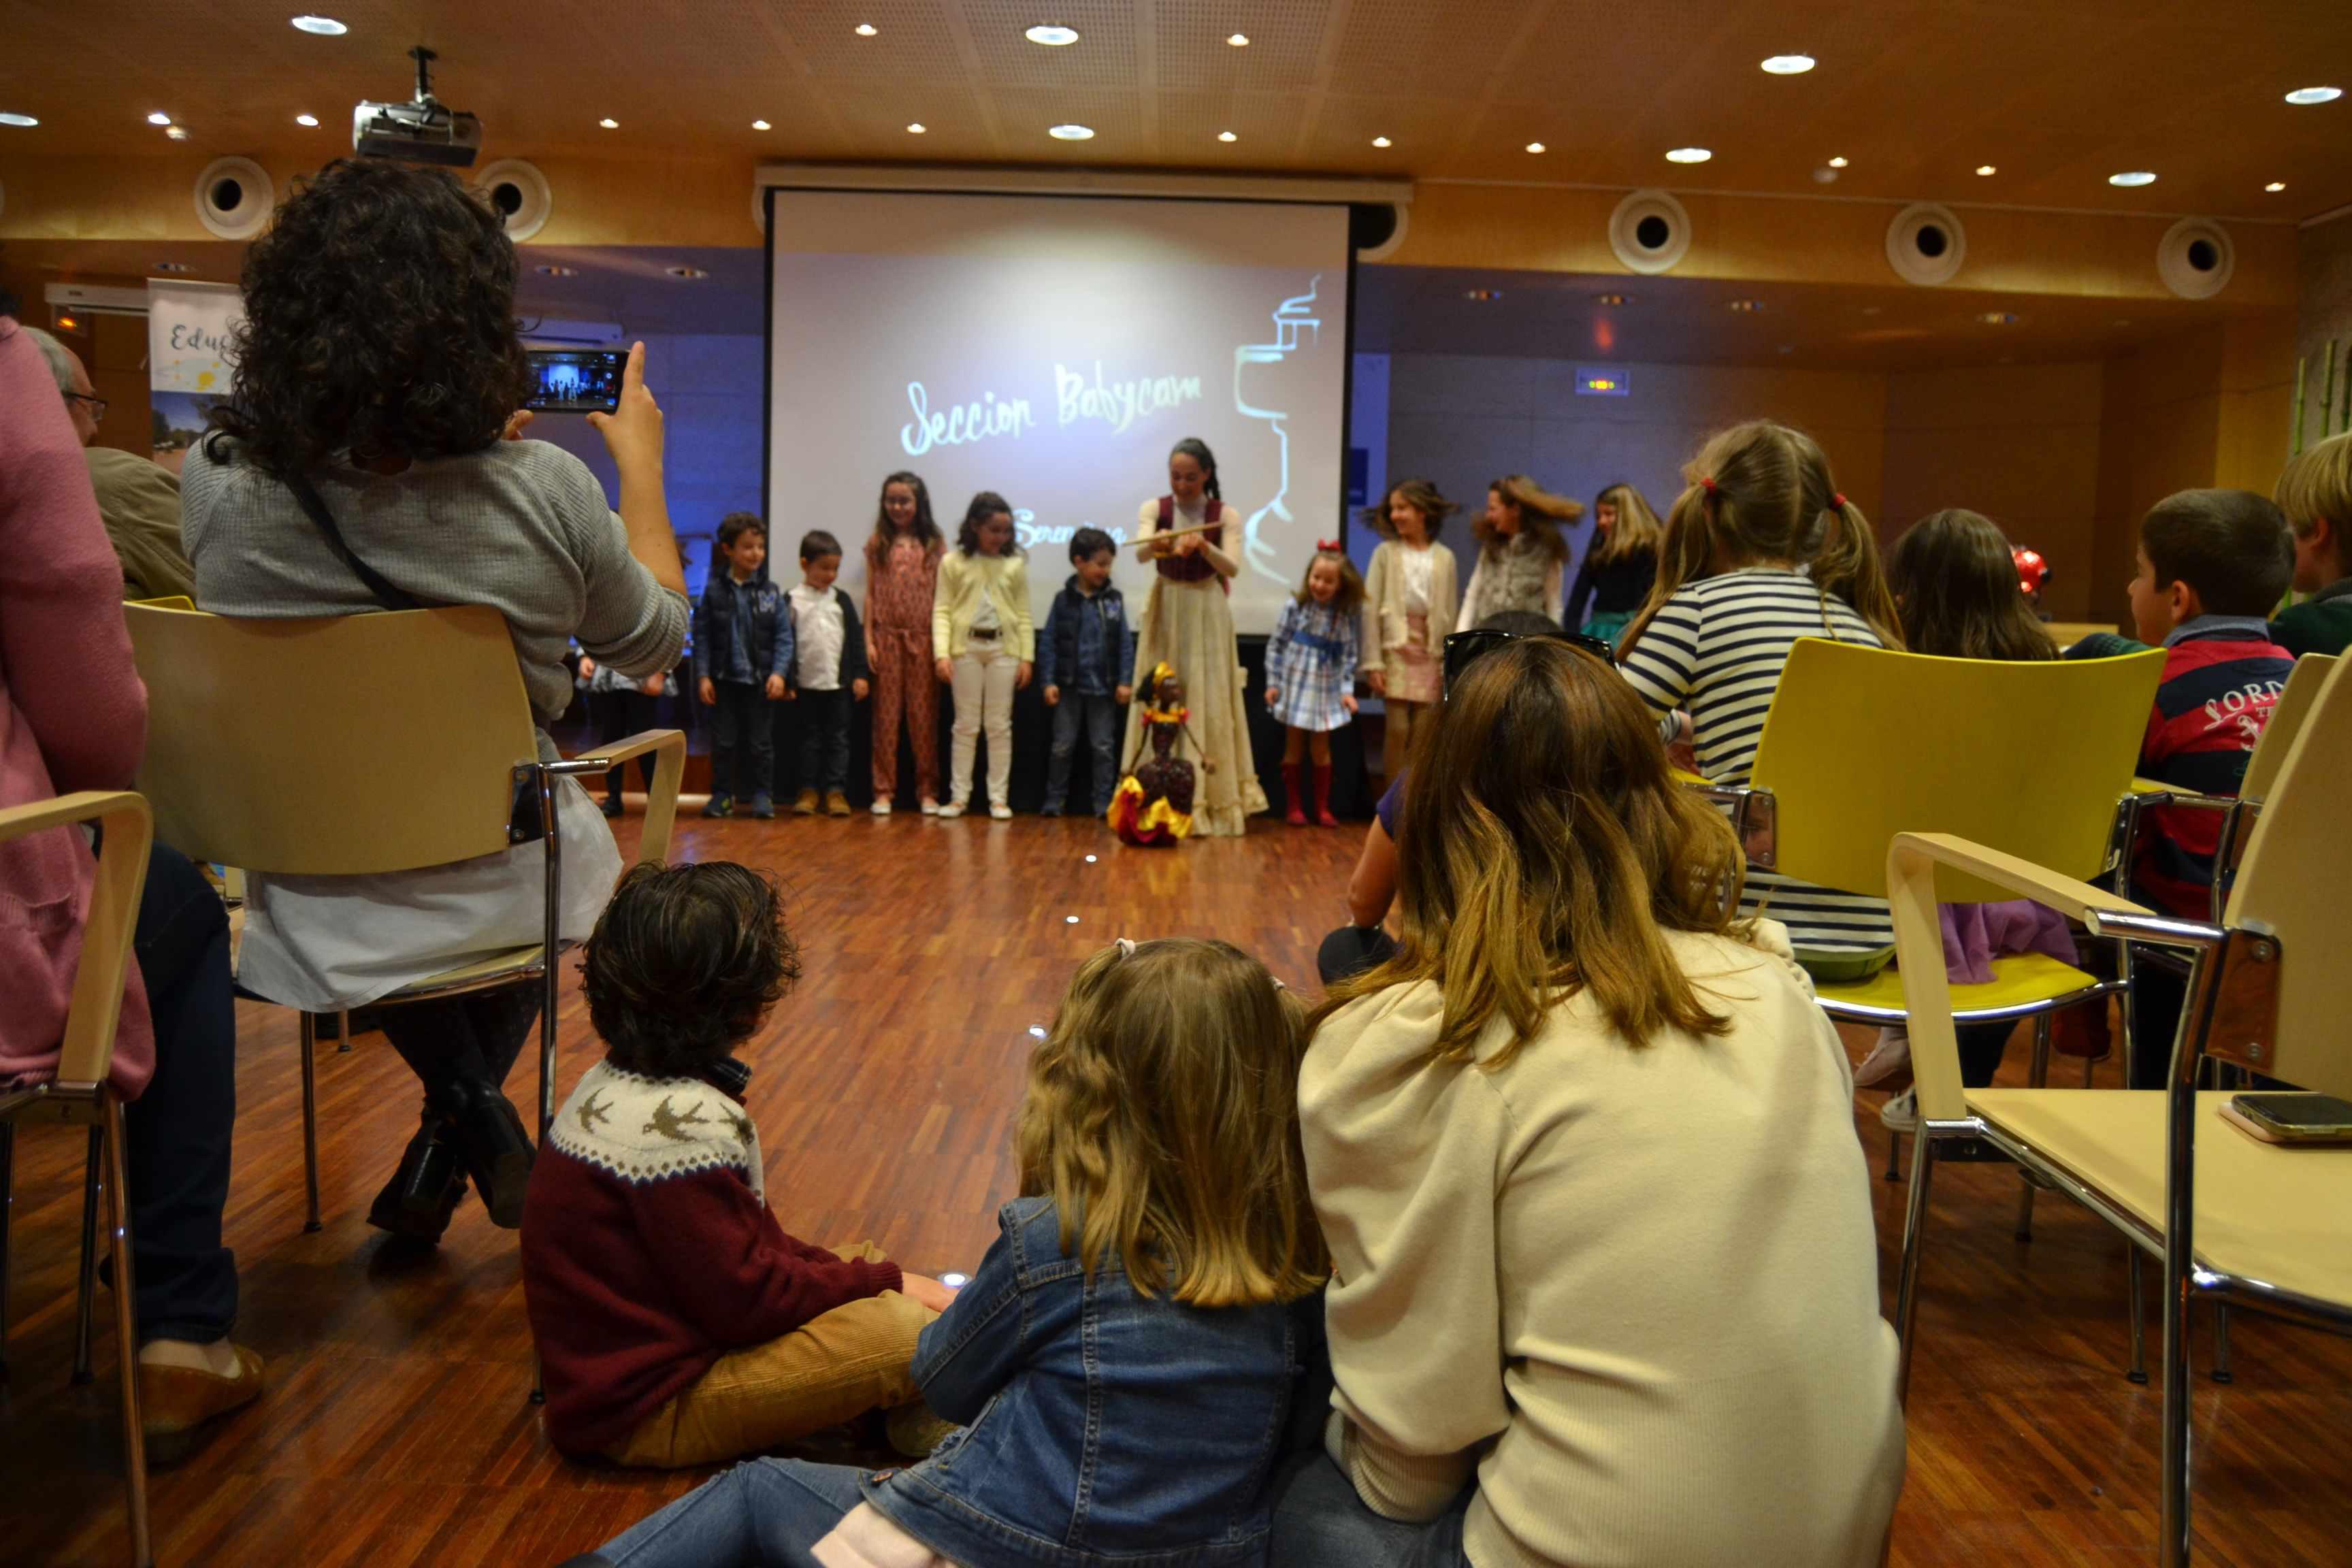 Fantasía, valores y compromiso social en las tres películas proyectadas en el Babycam